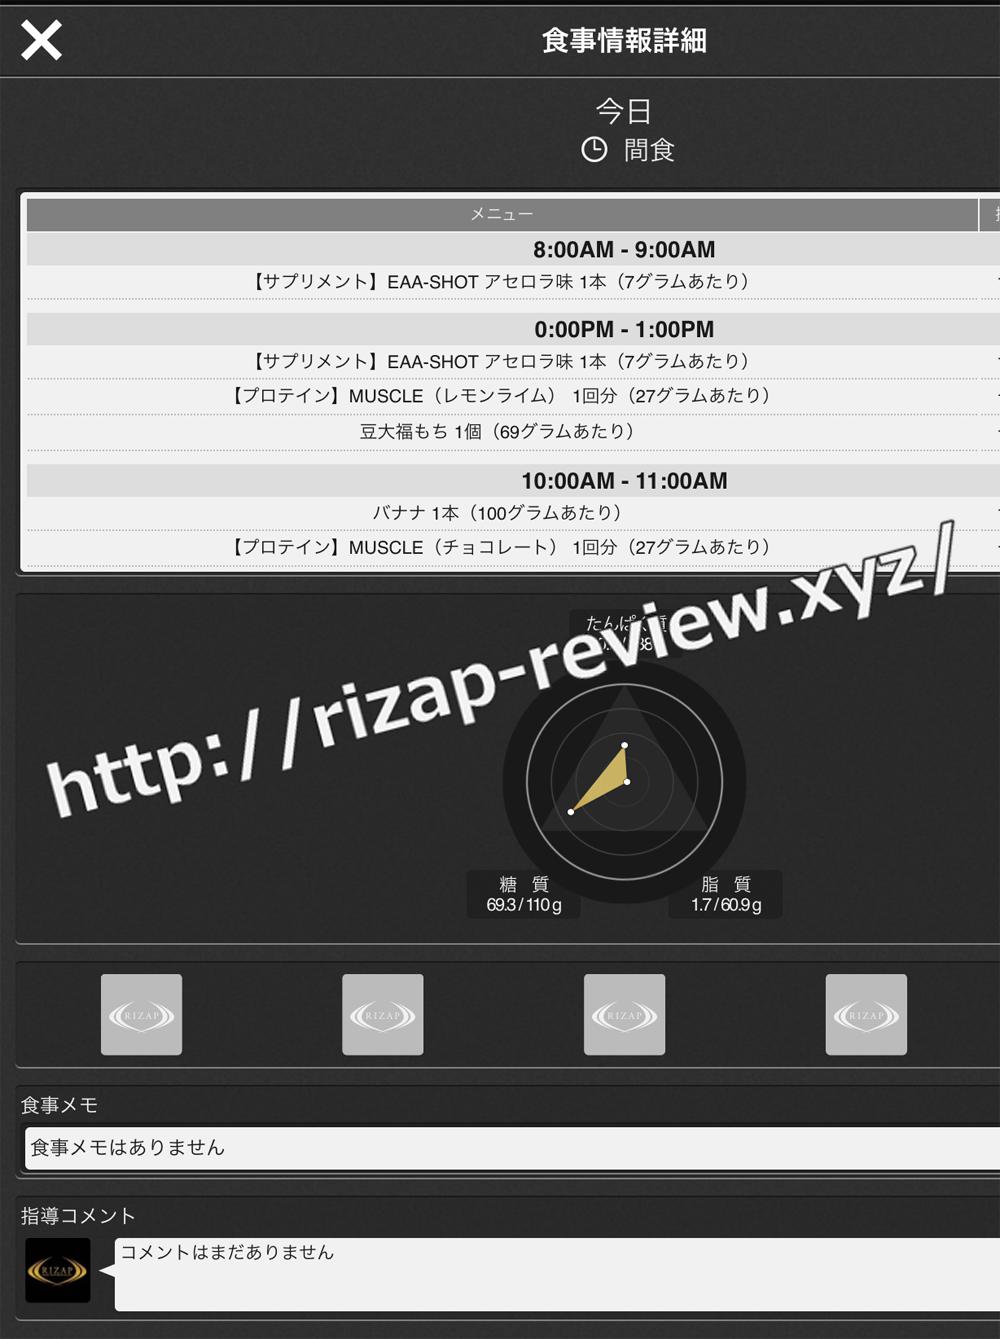 2018.10.30(火)ライザップ流の間食